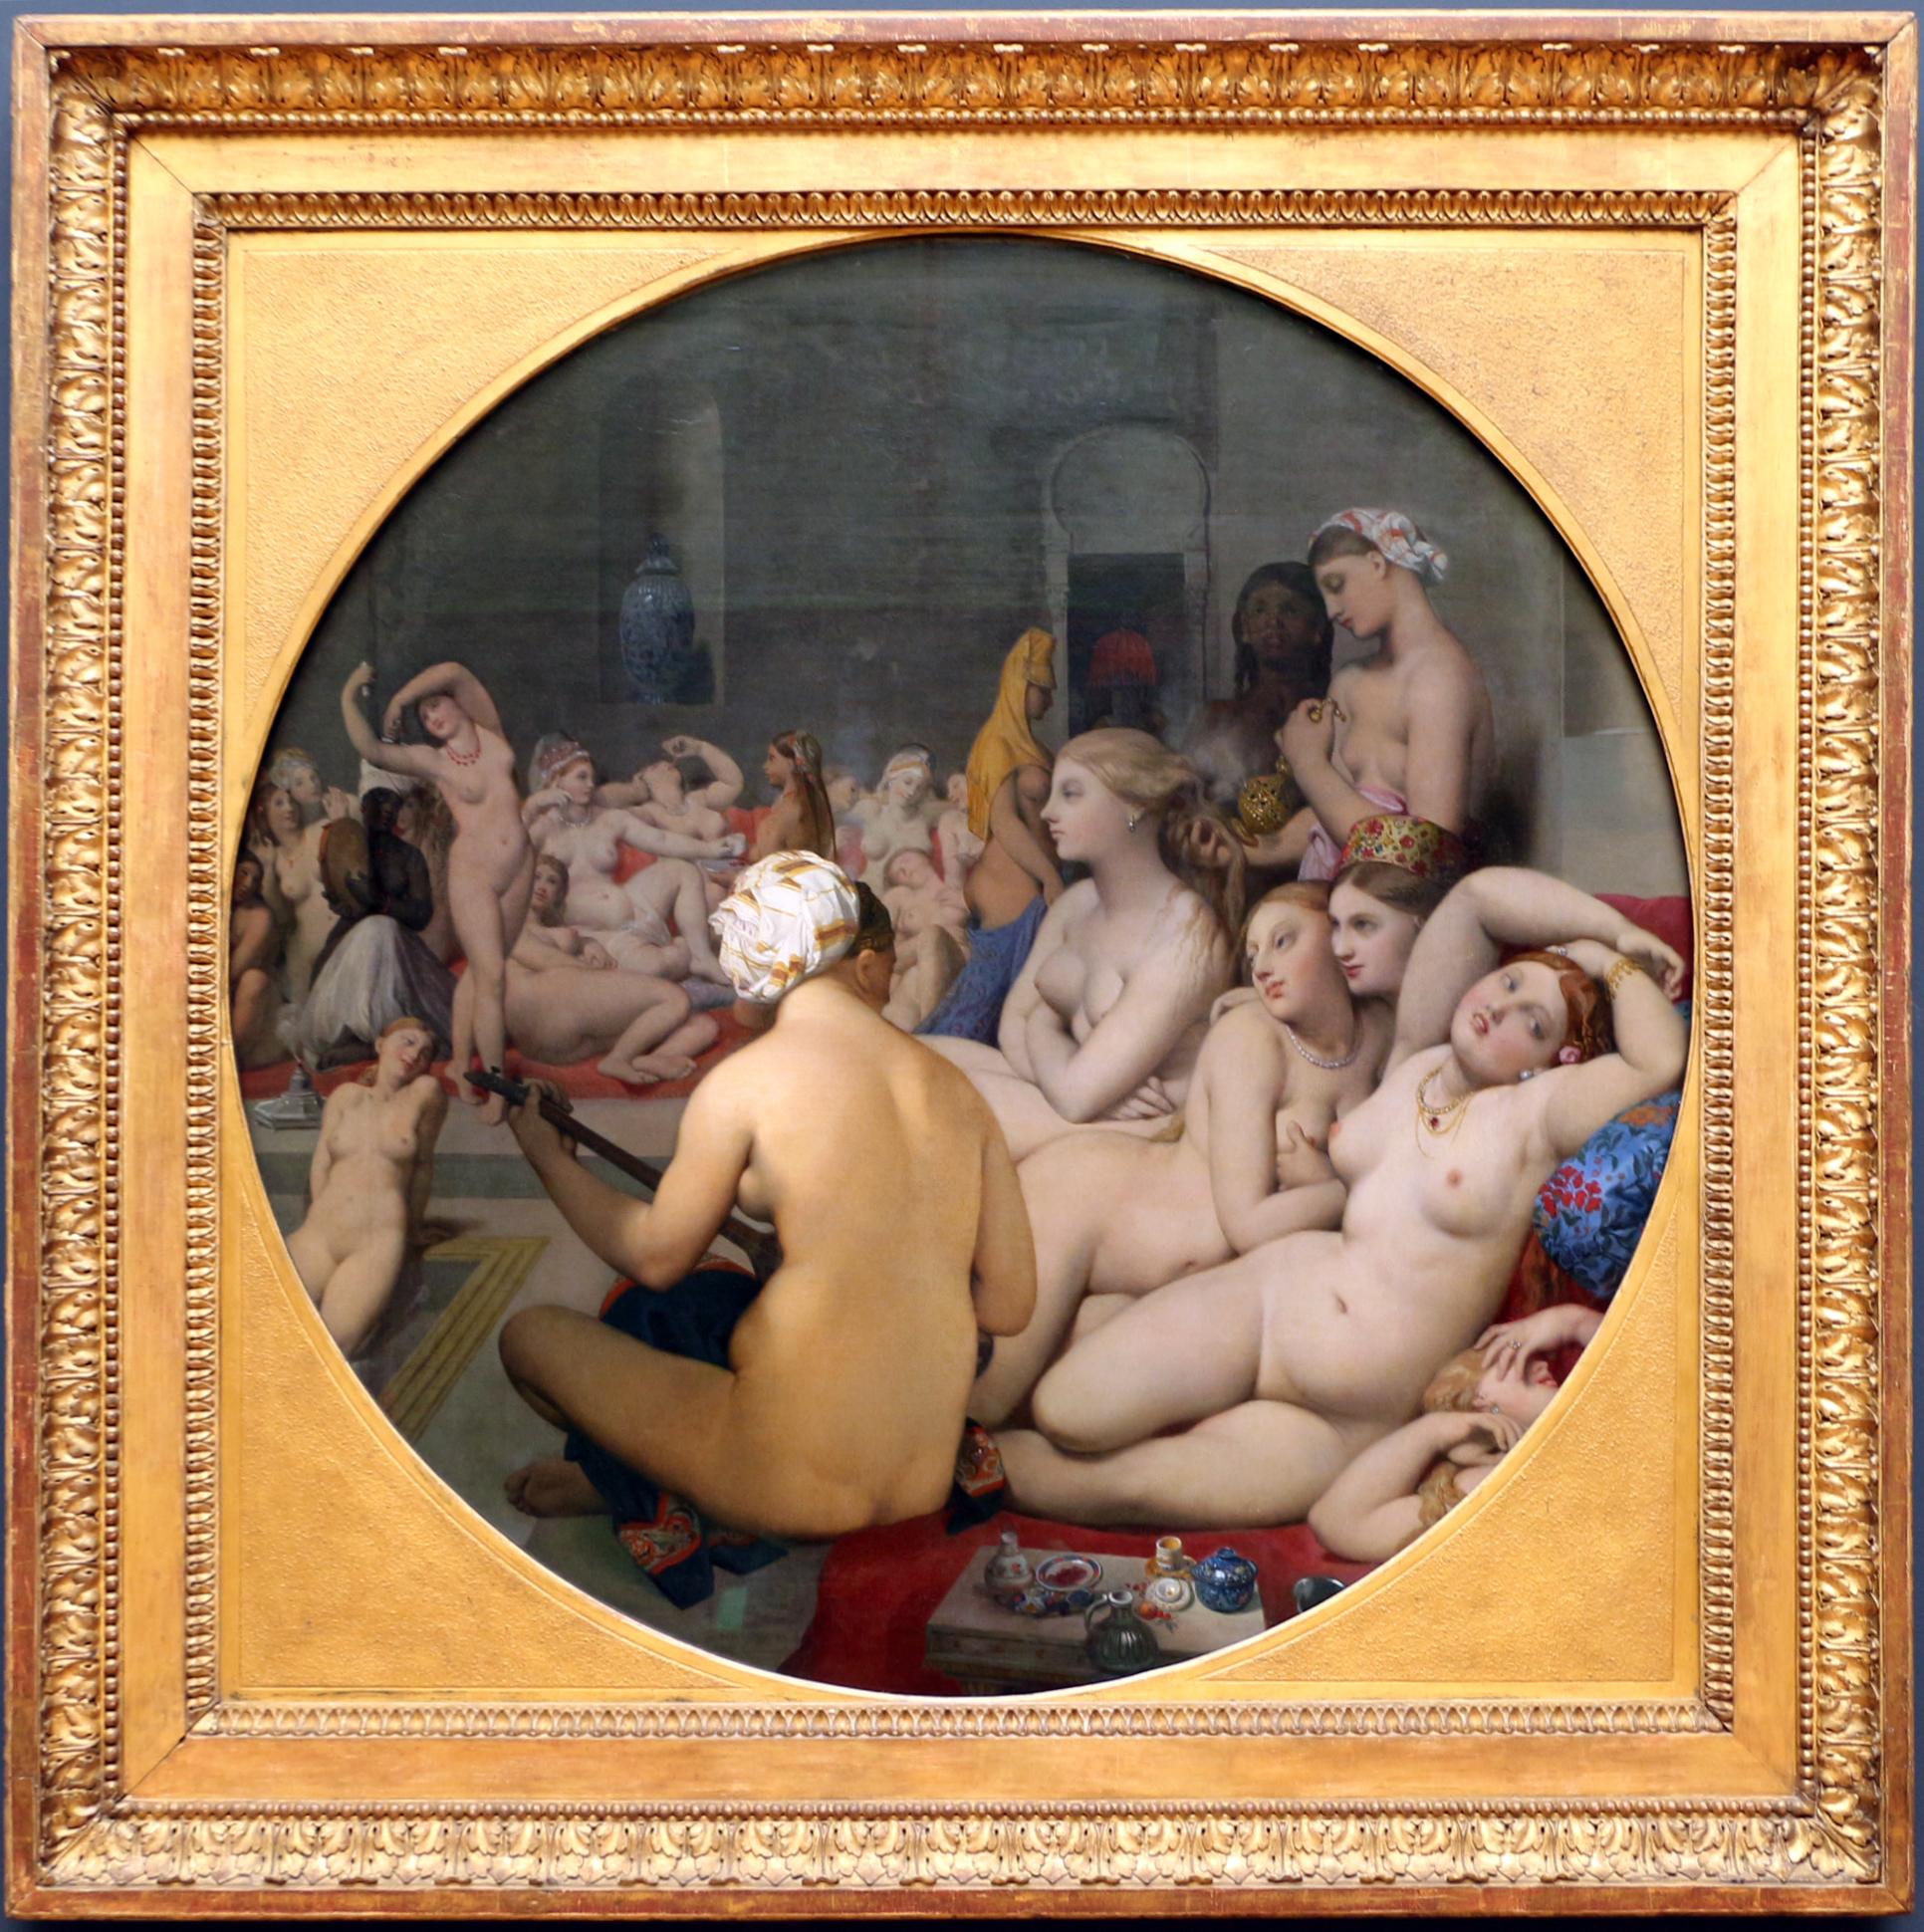 File:Jean-auguste-dominique ingres, il bagno turco, 1852-59 poi 1862 ...